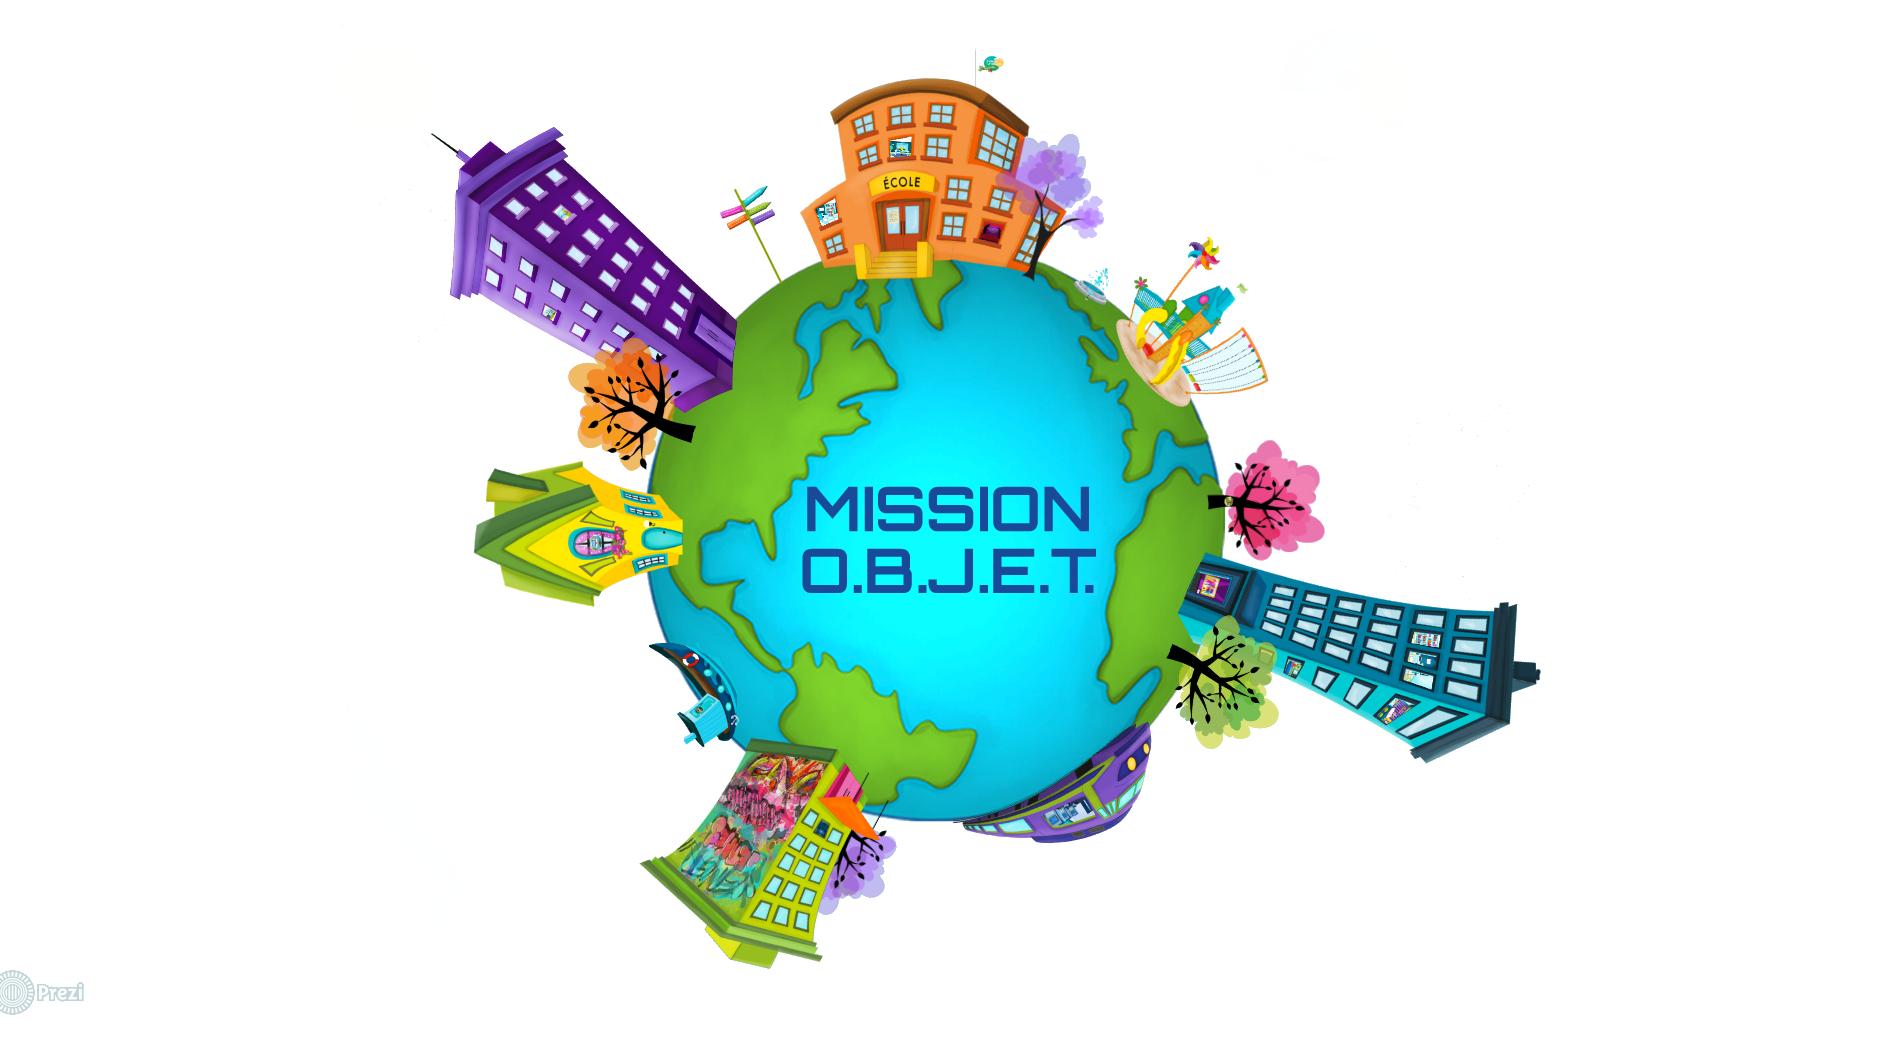 Mission O.b.j.e.t. : Un Parcours Culture Inspiré Des Jeux concernant Jeux De Parcours Gratuit